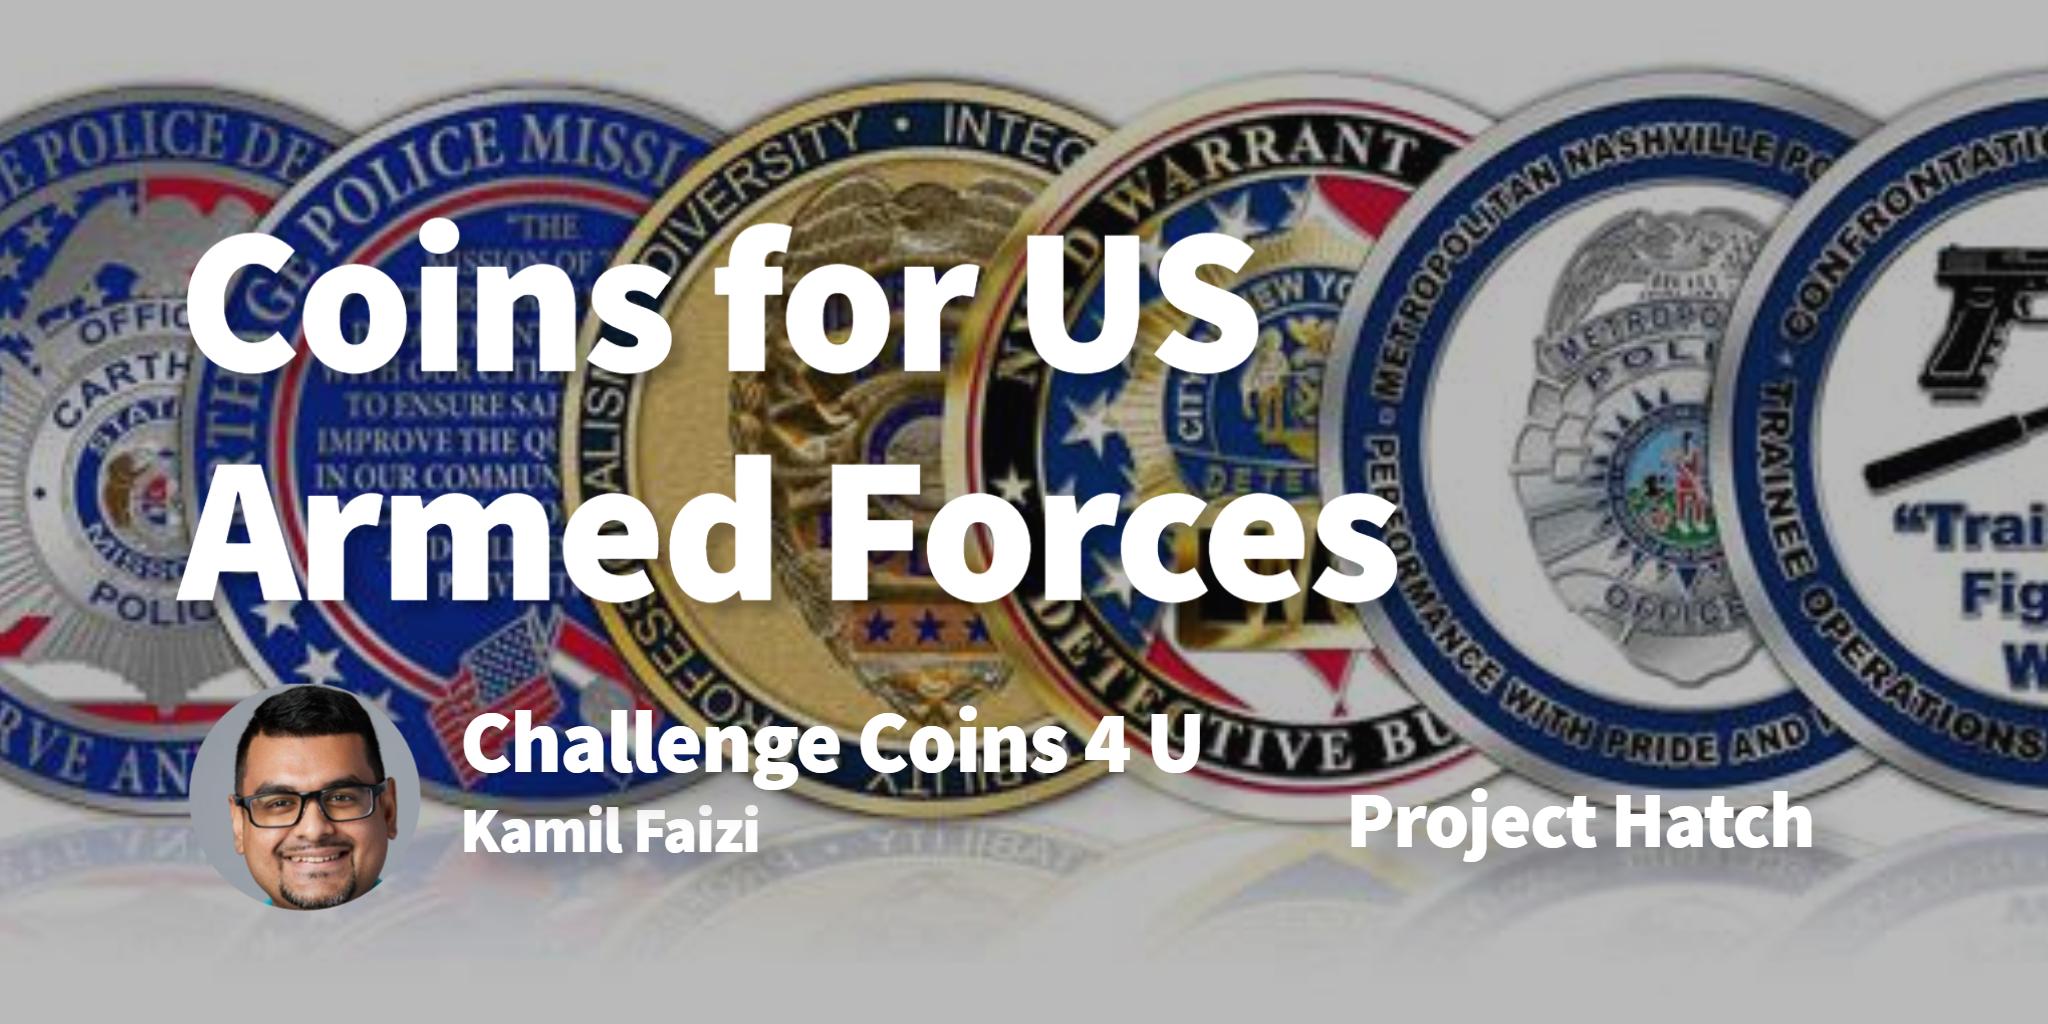 Challenge Coins 4 U Kamil Faizi